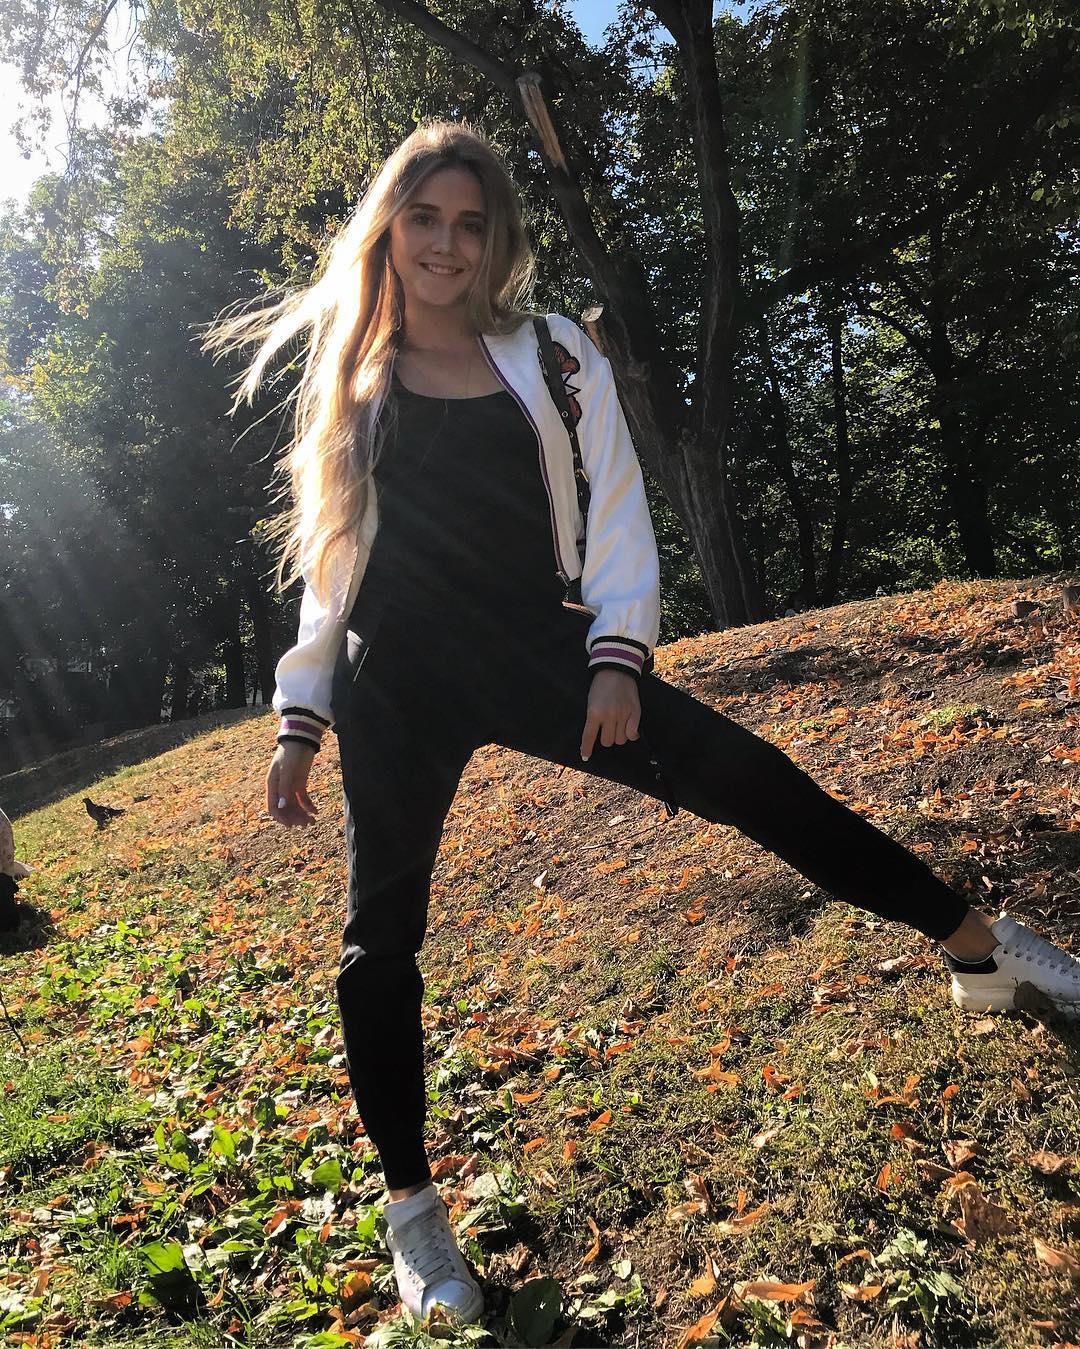 Елена Радионова-4 - Страница 14 Image-1779-1584706266